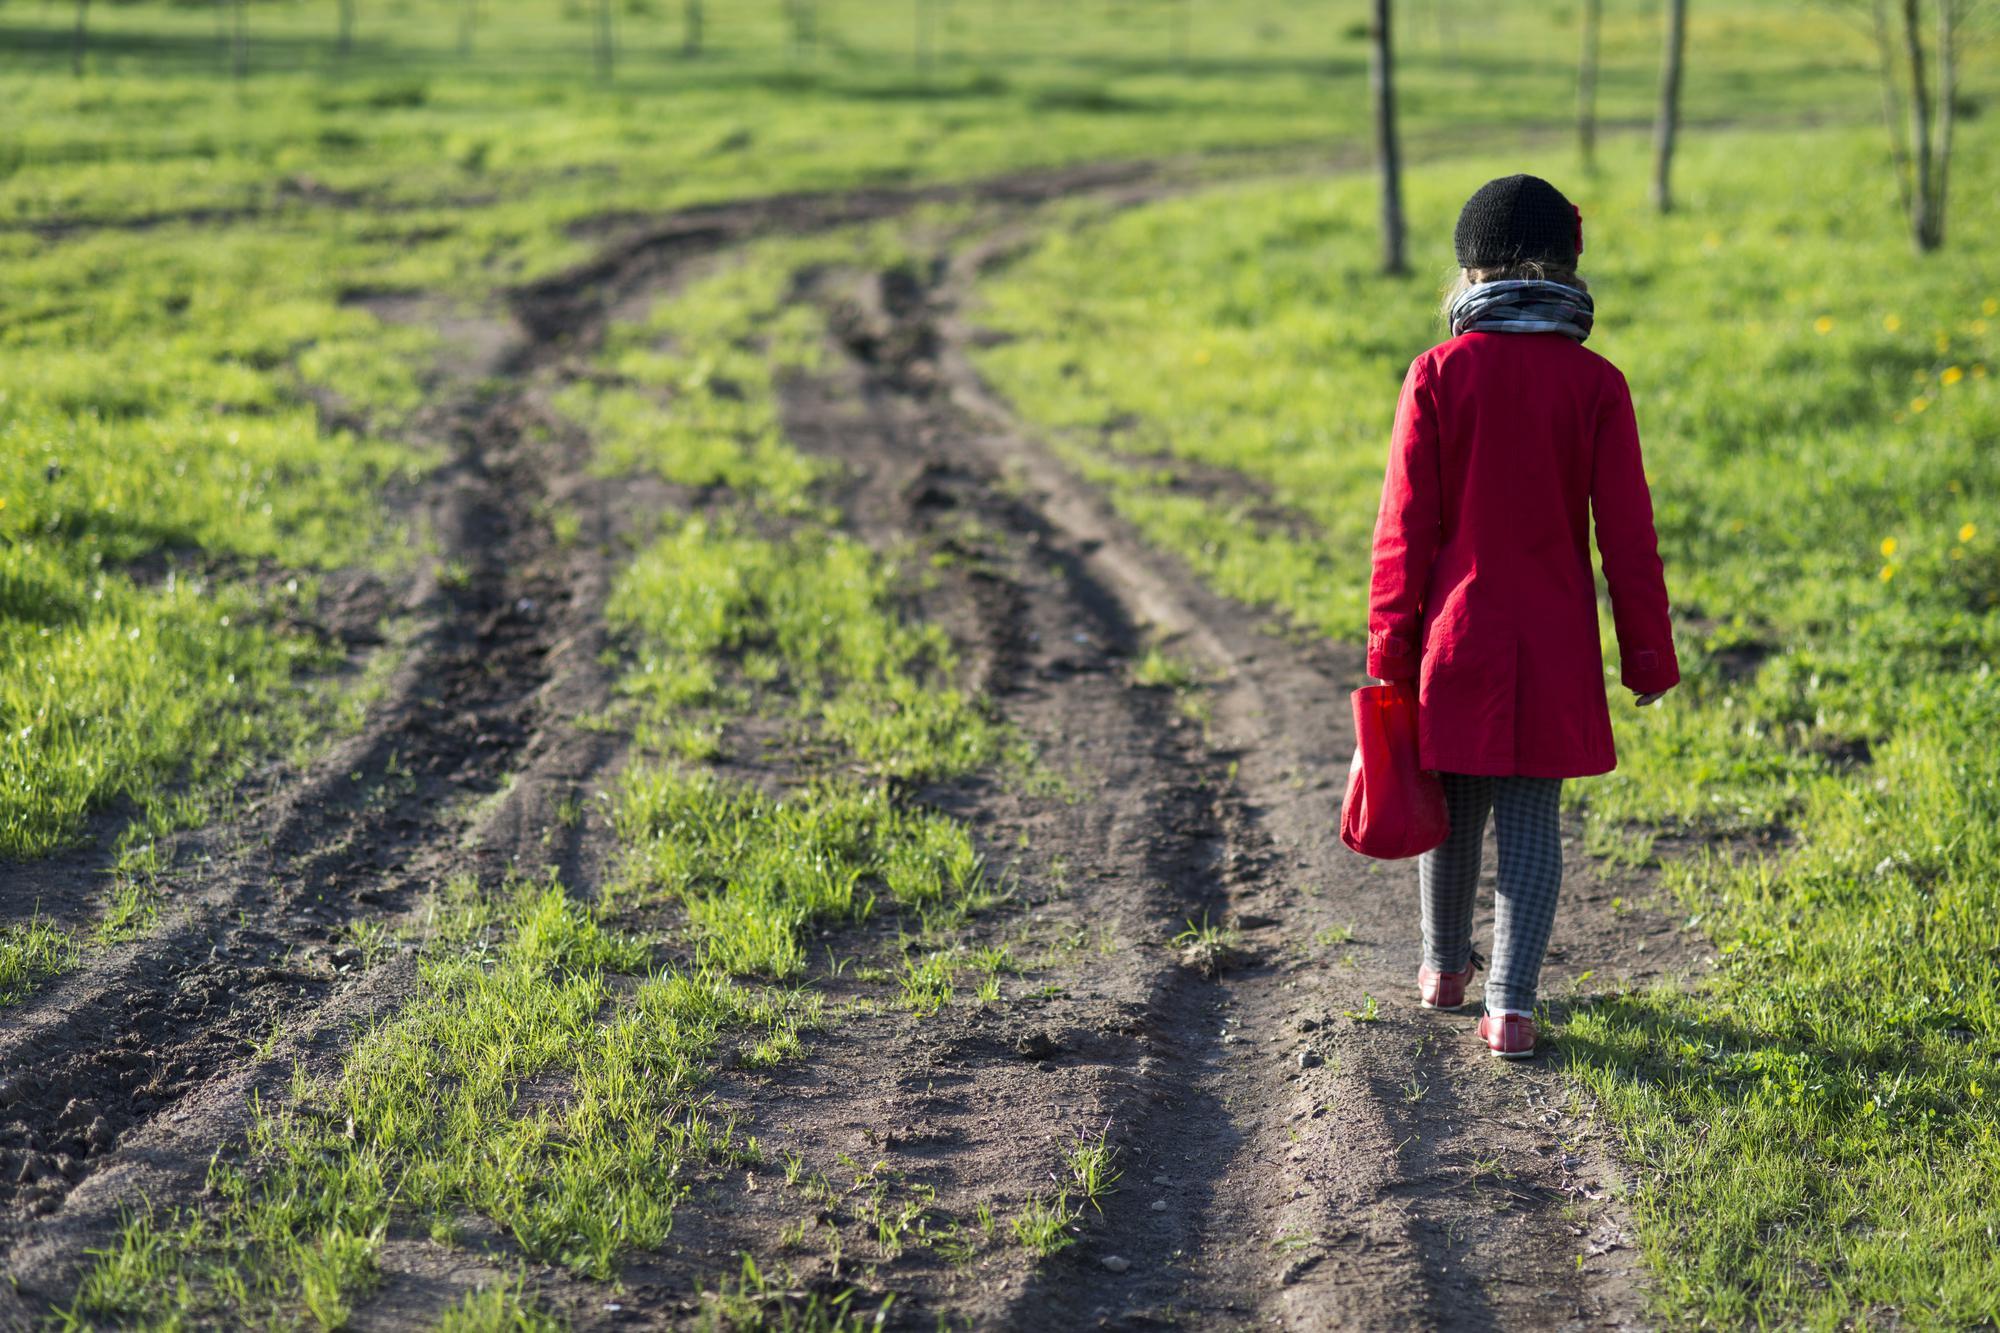 Ребенок идёт по проселочной дороге [(cc0)Yury Zap depositphotos.com]